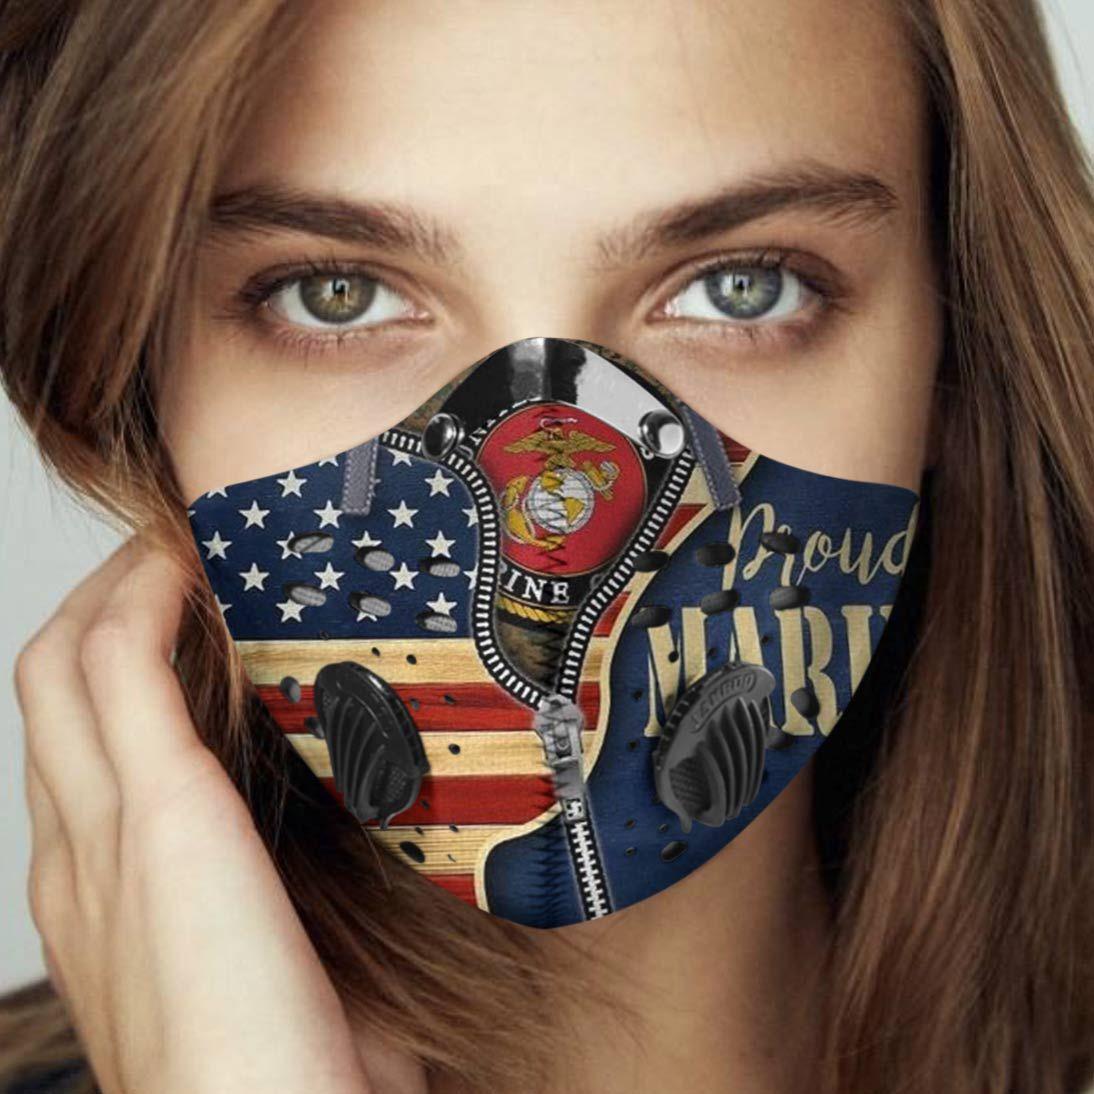 Proud marine carbon pm 2,5 face mask 1